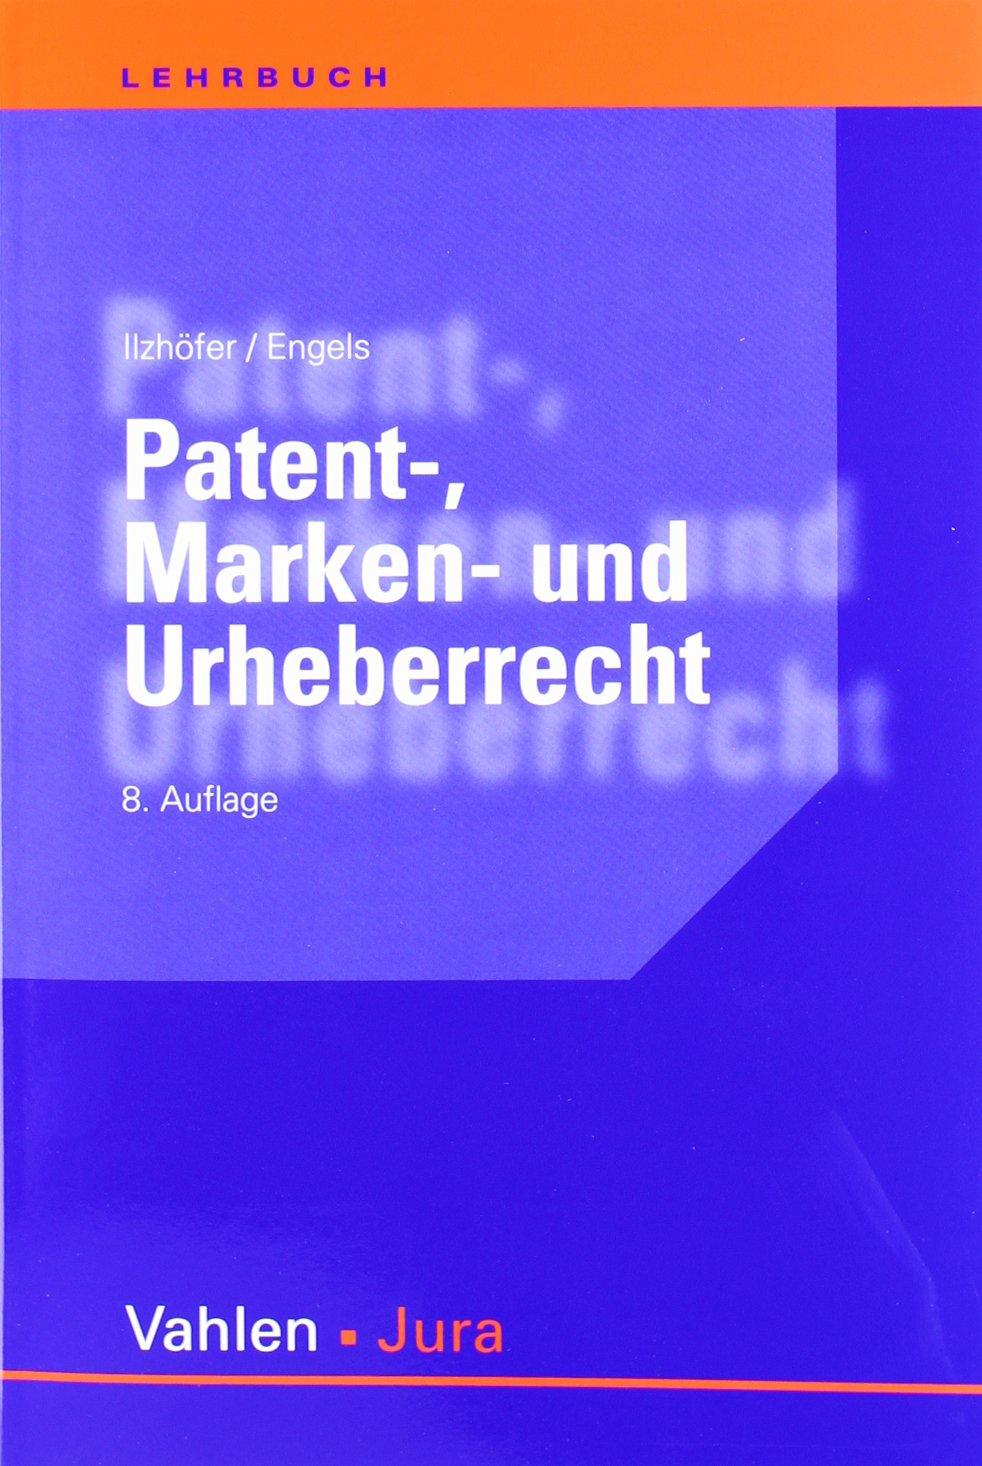 Patent-, Marken- und Urheberrecht: Leitfaden für Ausbildung und Praxis